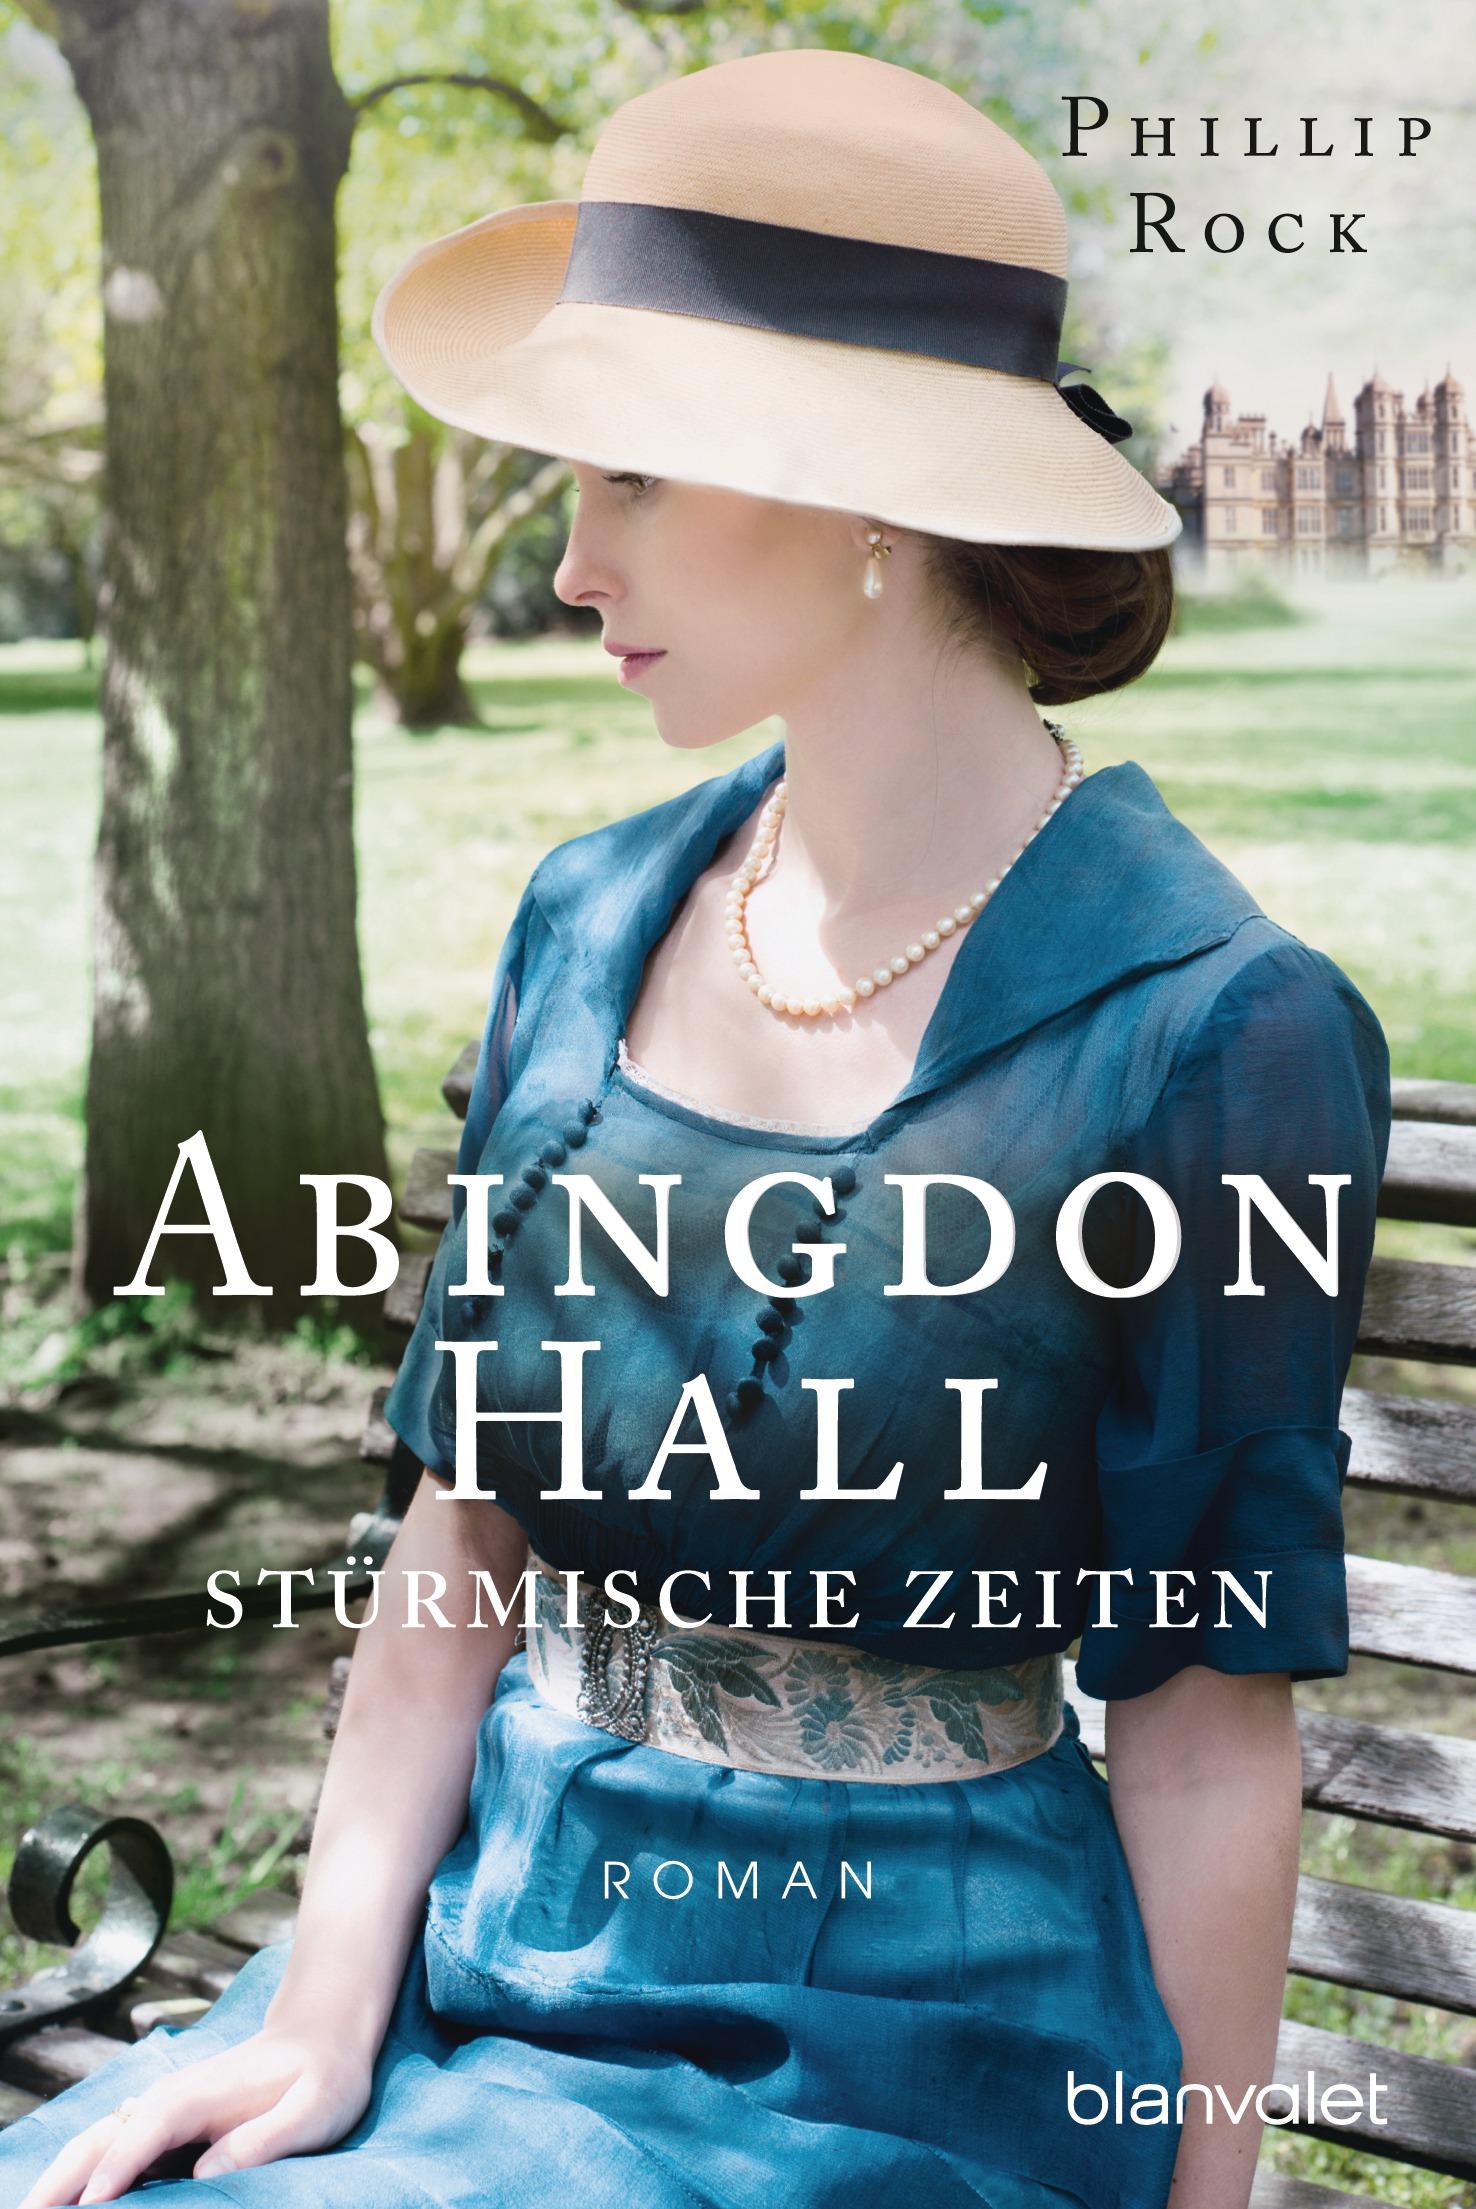 Abingdon Hall - Stürmische Zeiten - Phillip Rock